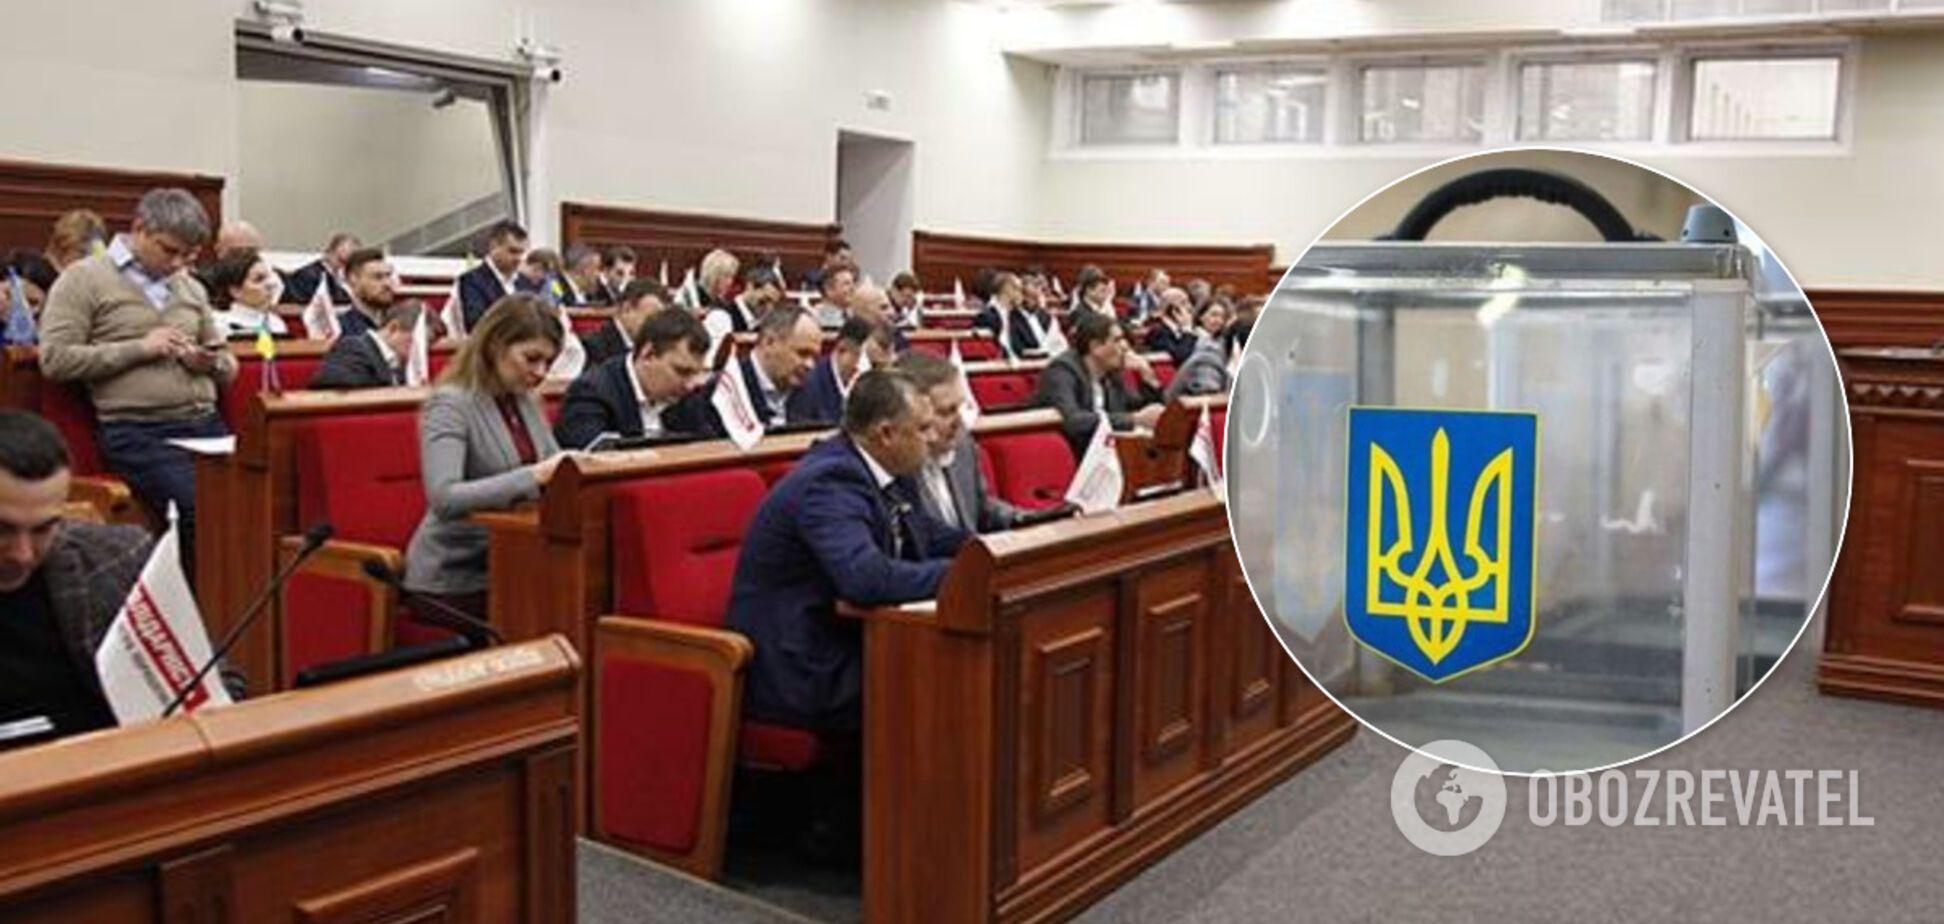 'Рідна країна' Томенка увйшла в п'ятірку: які партії пройшли б зараз на виборах в Києві